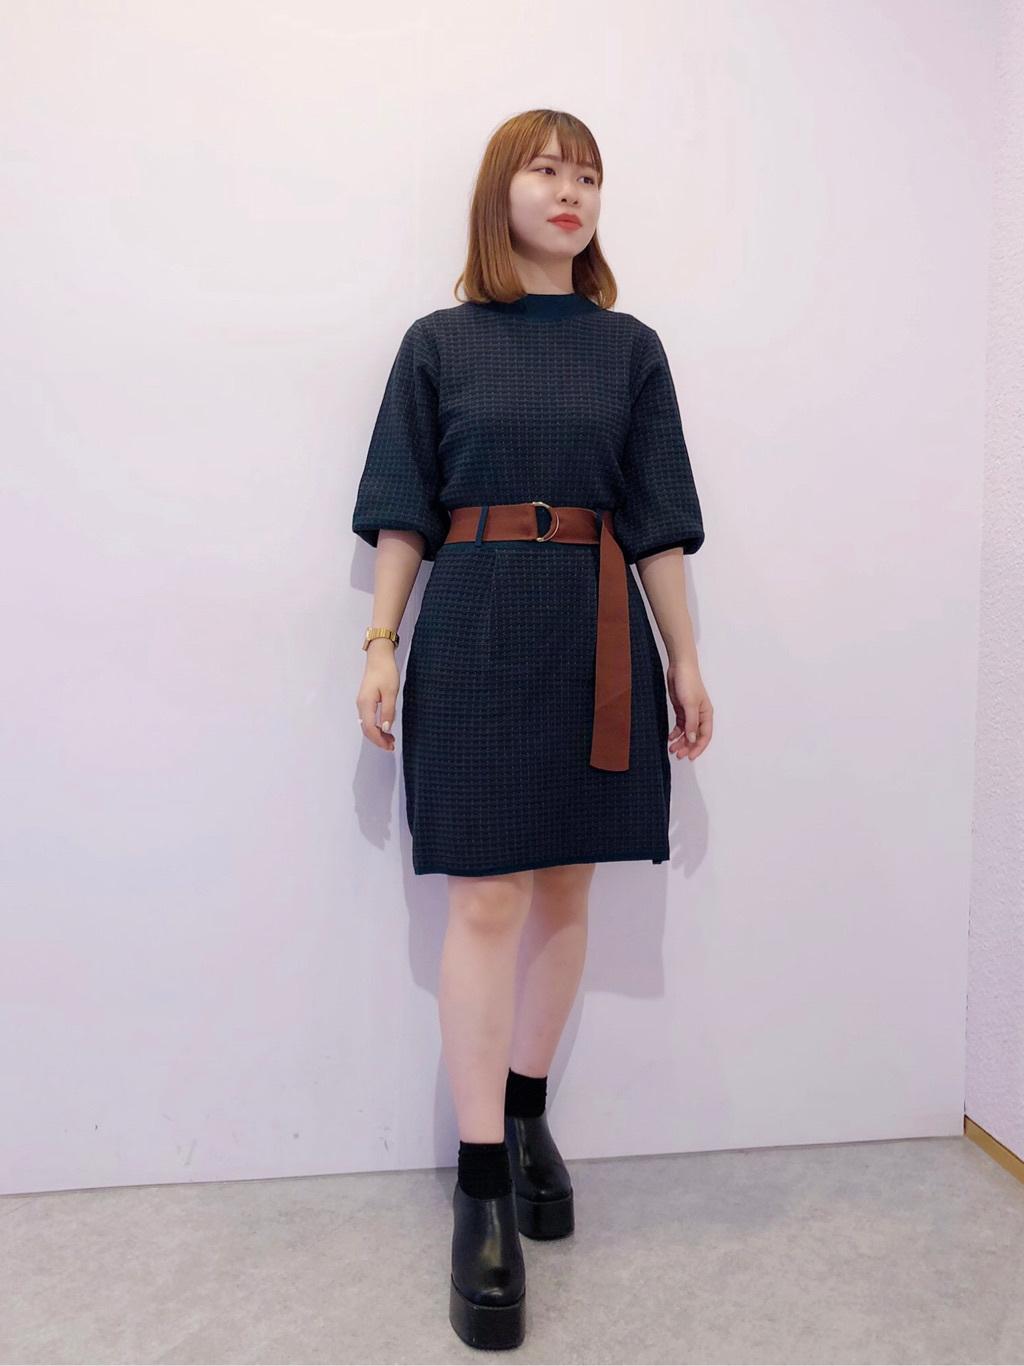 高橋  葵衣 (158cm)